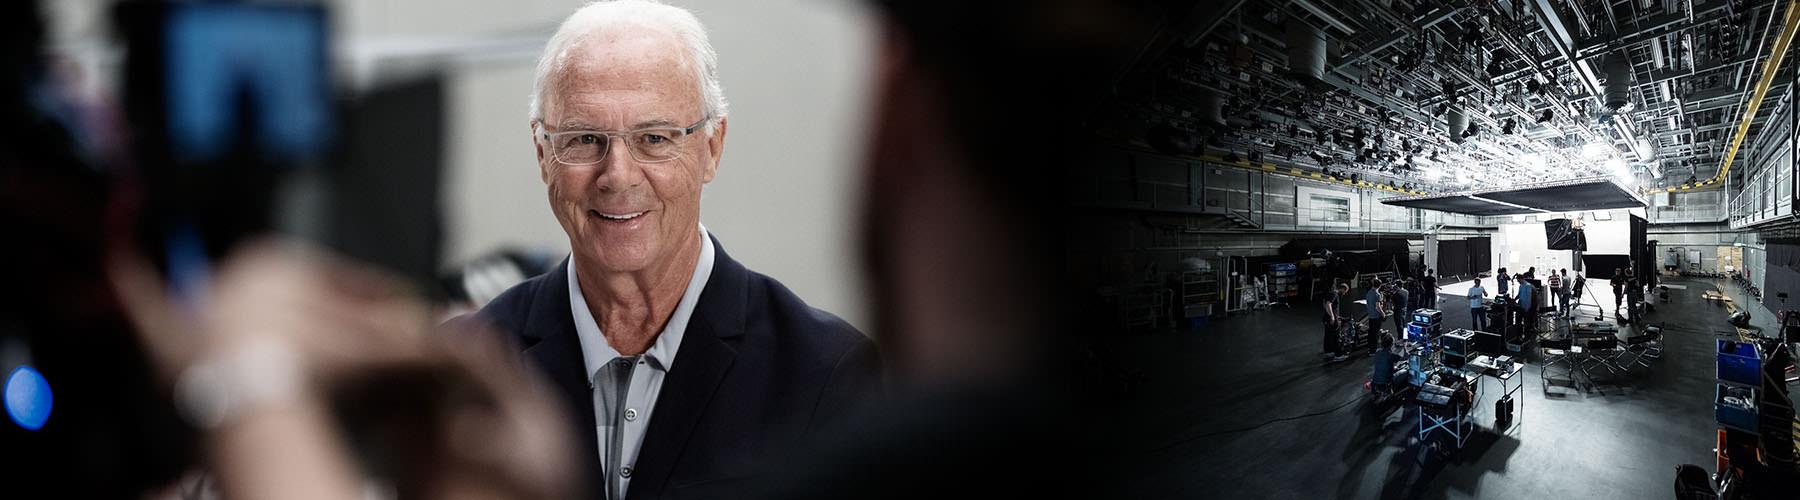 Videoproduktion für das Adidas Archive - Our Hero Stories mit Franz Beckenbauer und Jacques Chassaing